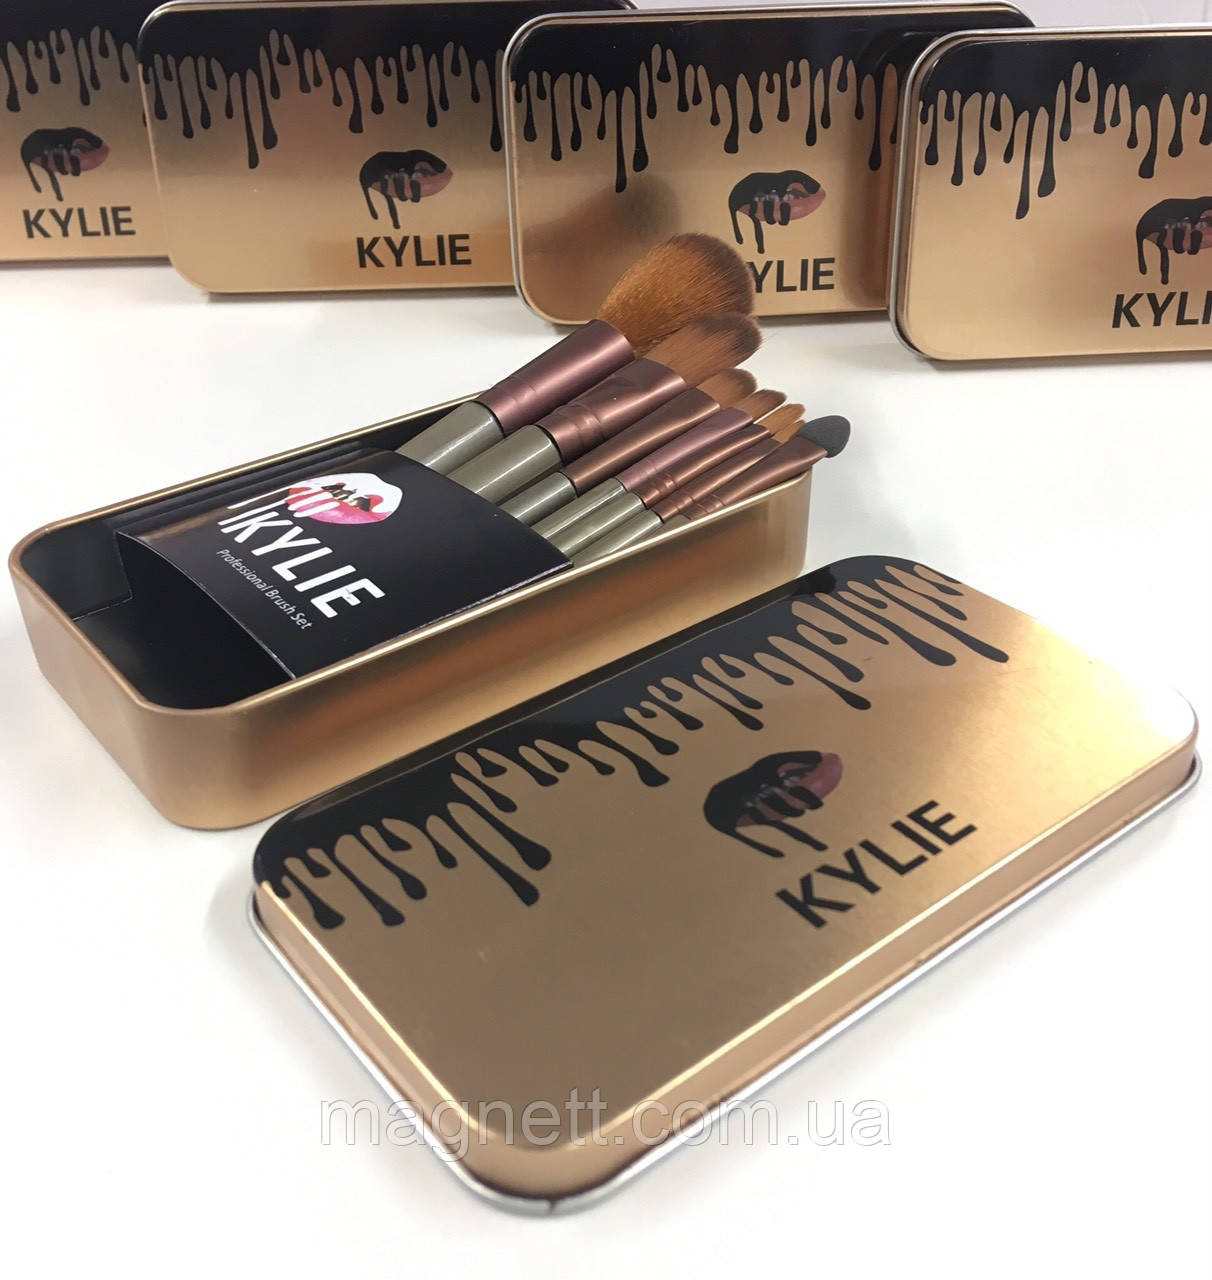 Профессиональный набор кистей для макияжа Kylie Jenner 7 шт (золотая металлическая упаковка)